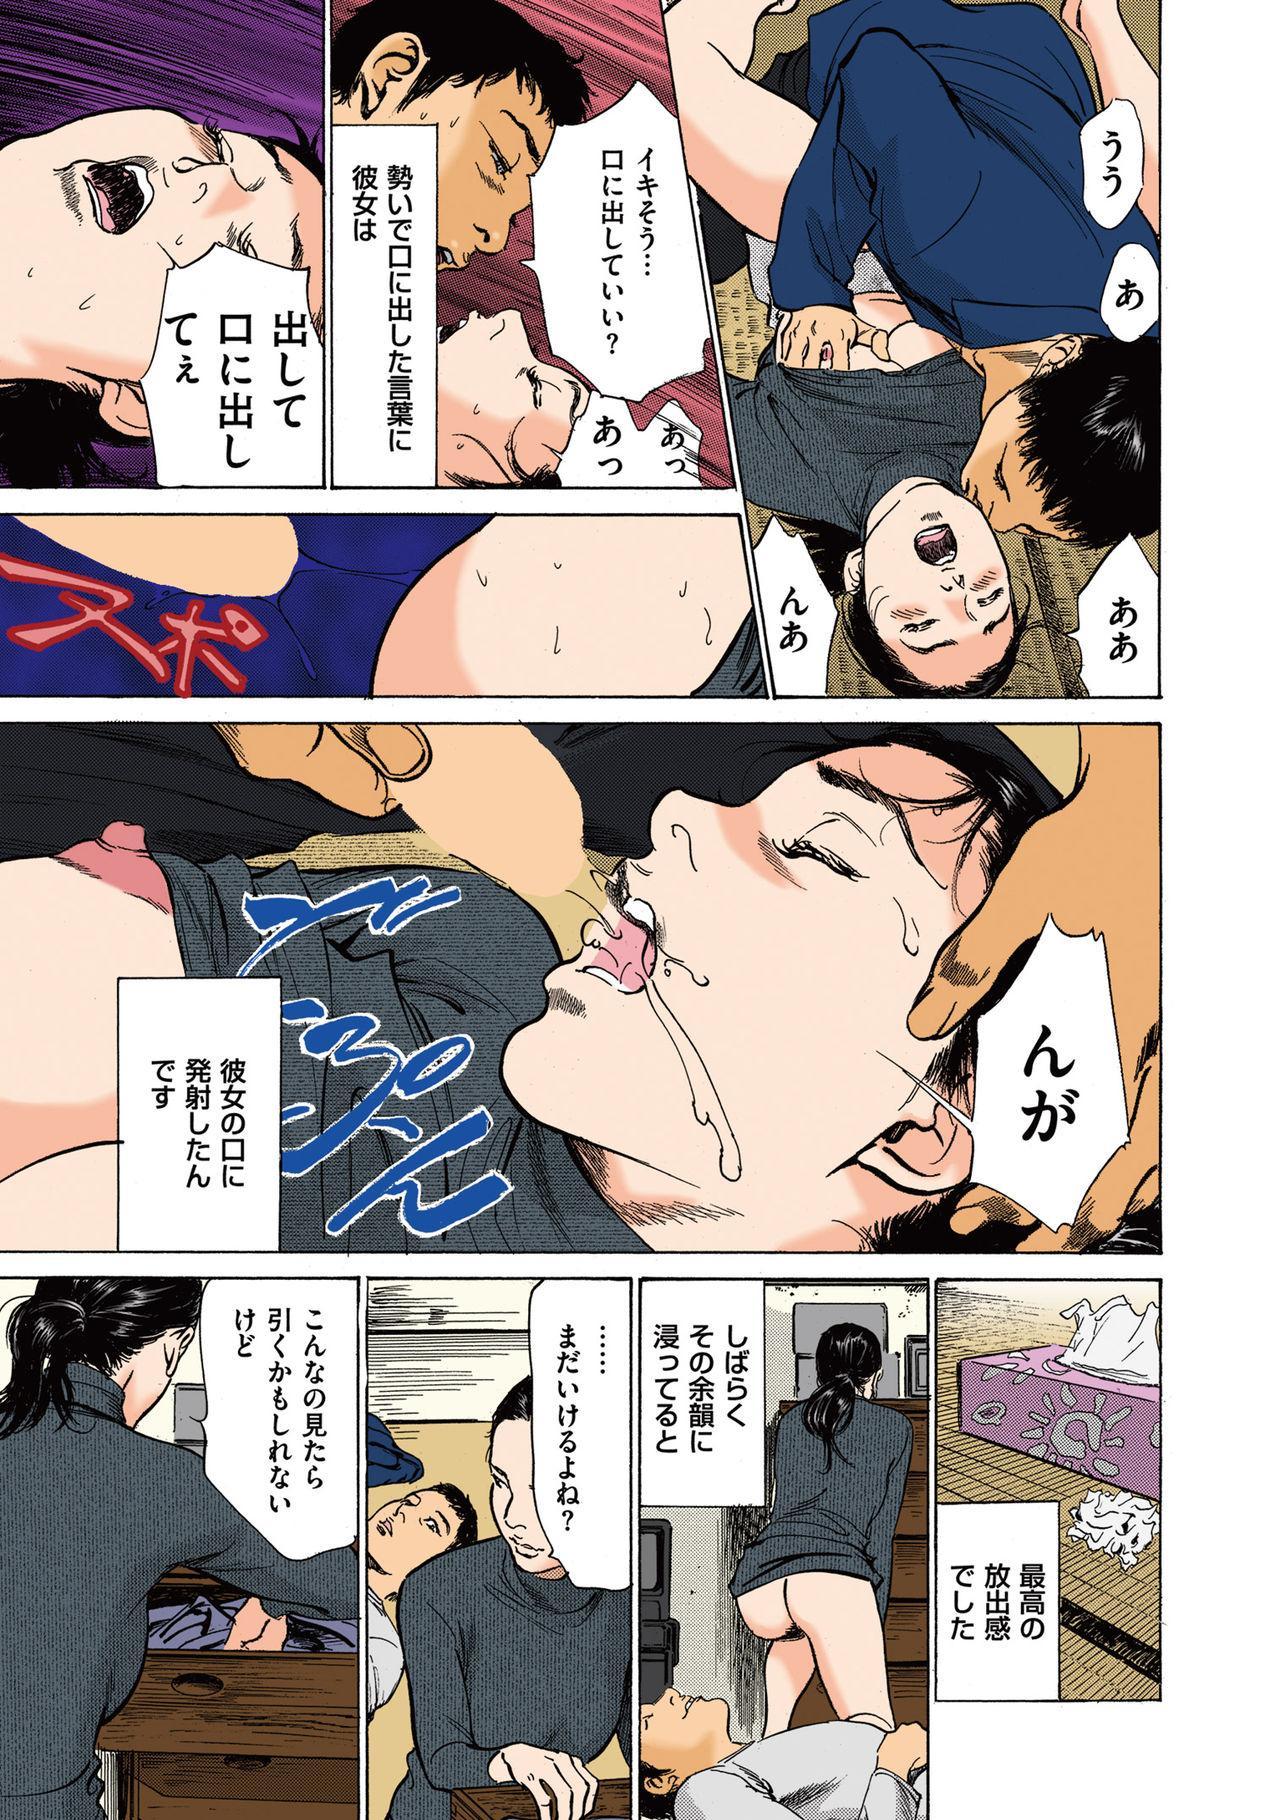 [Hazuki Kaoru] Hazuki Kaoru no Tamaranai Hanashi (Full Color Version) 2-1 12